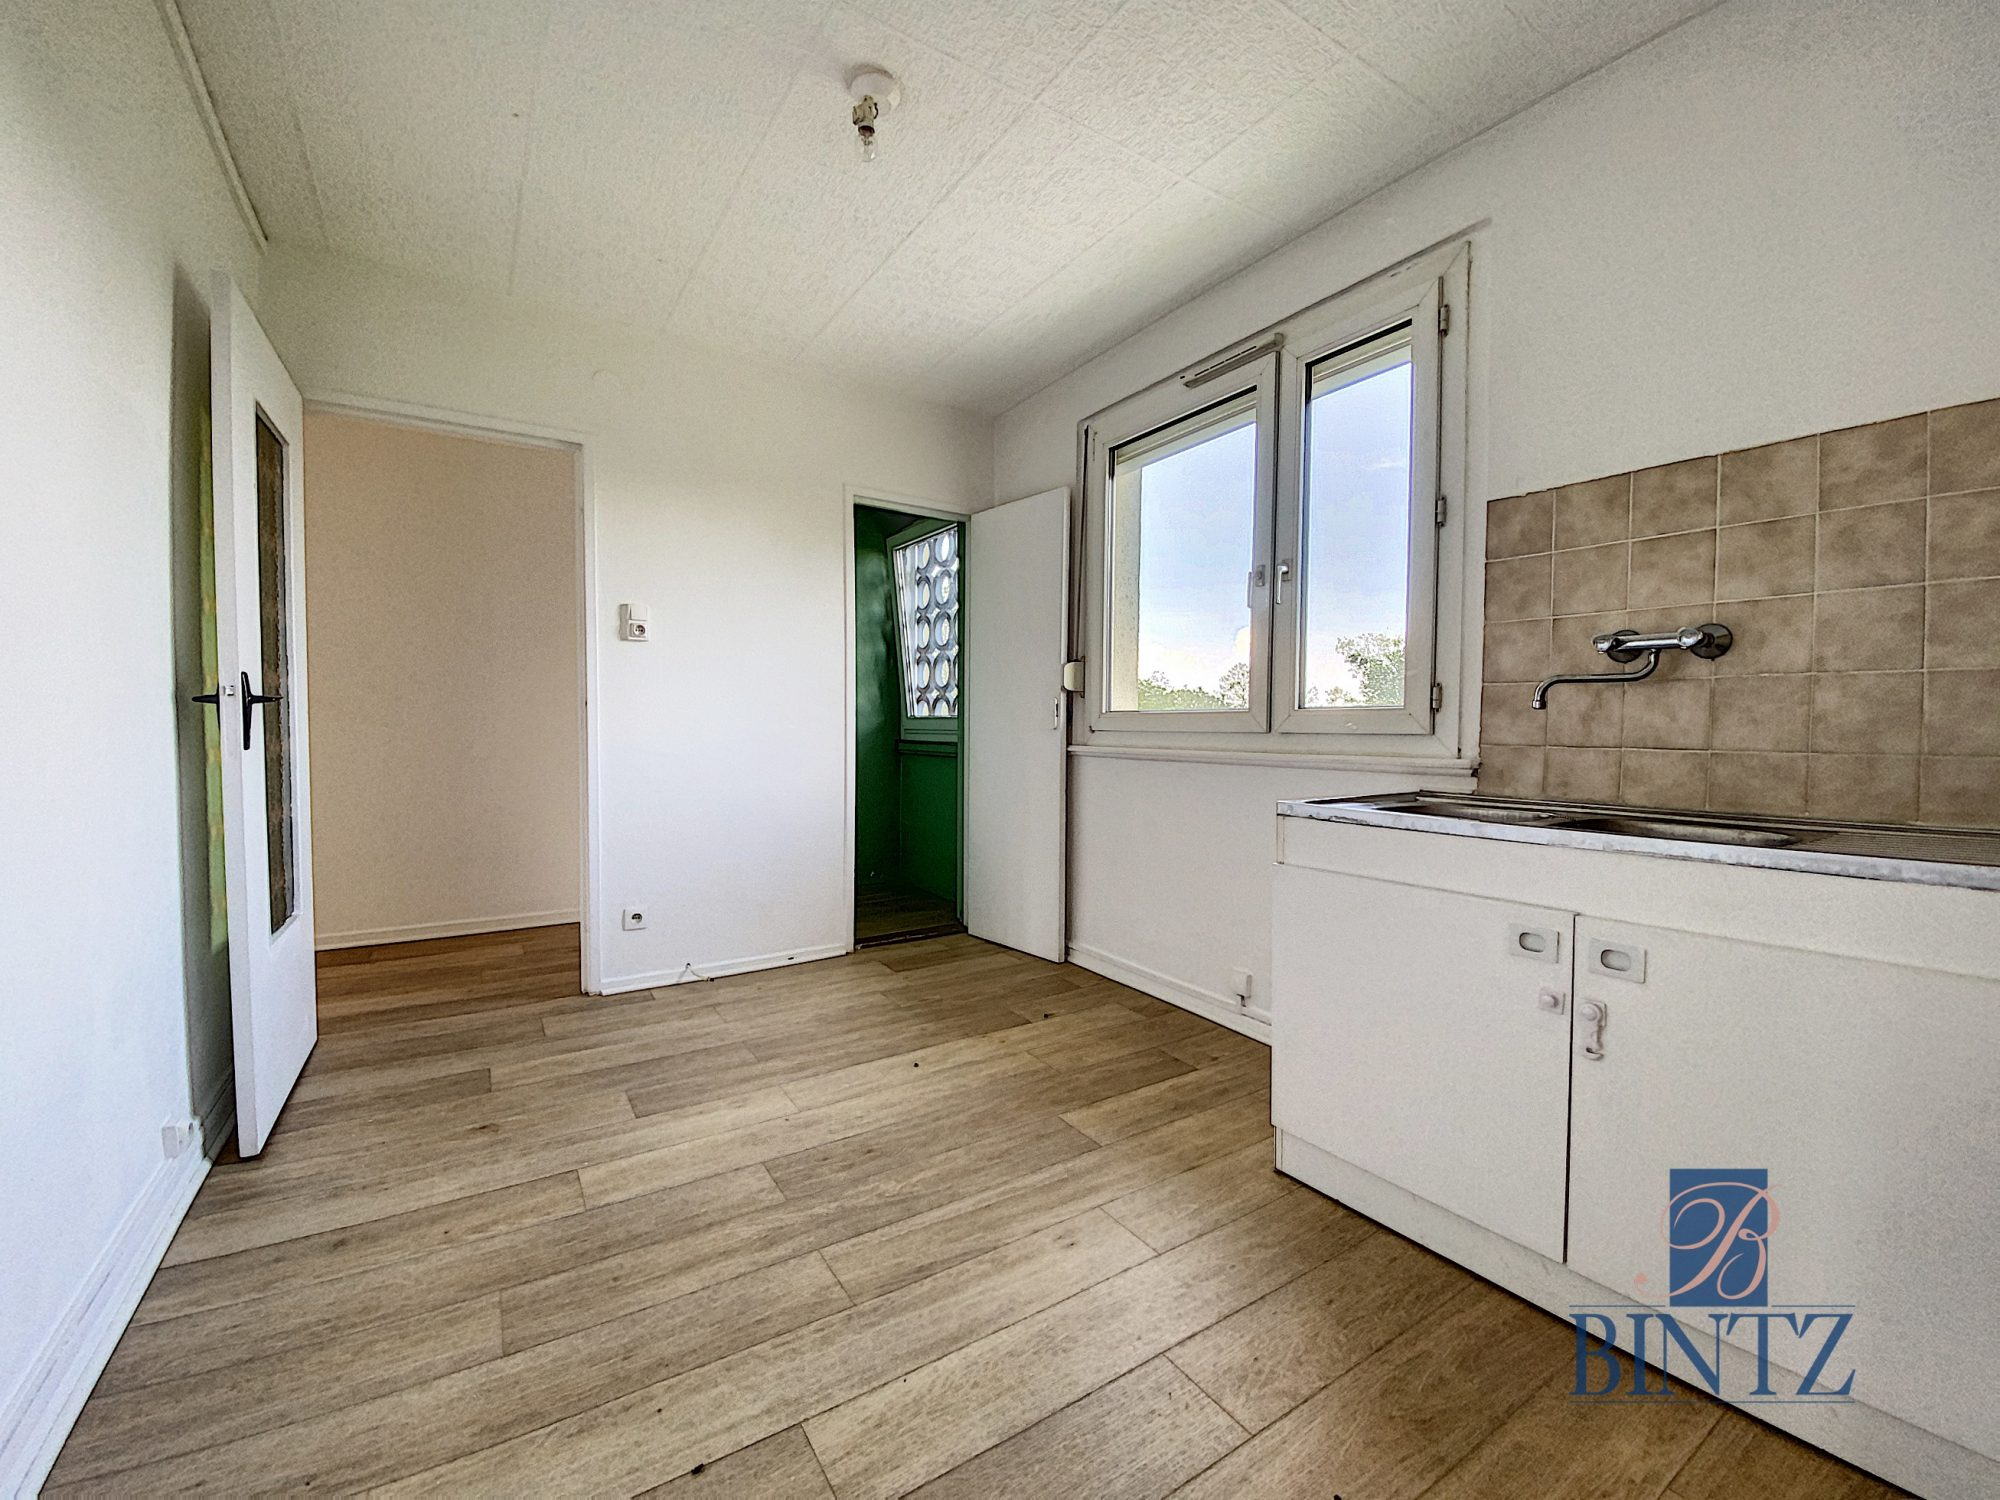 T3 avec balcon Quartier de la Musau - Devenez propriétaire en toute confiance - Bintz Immobilier - 6